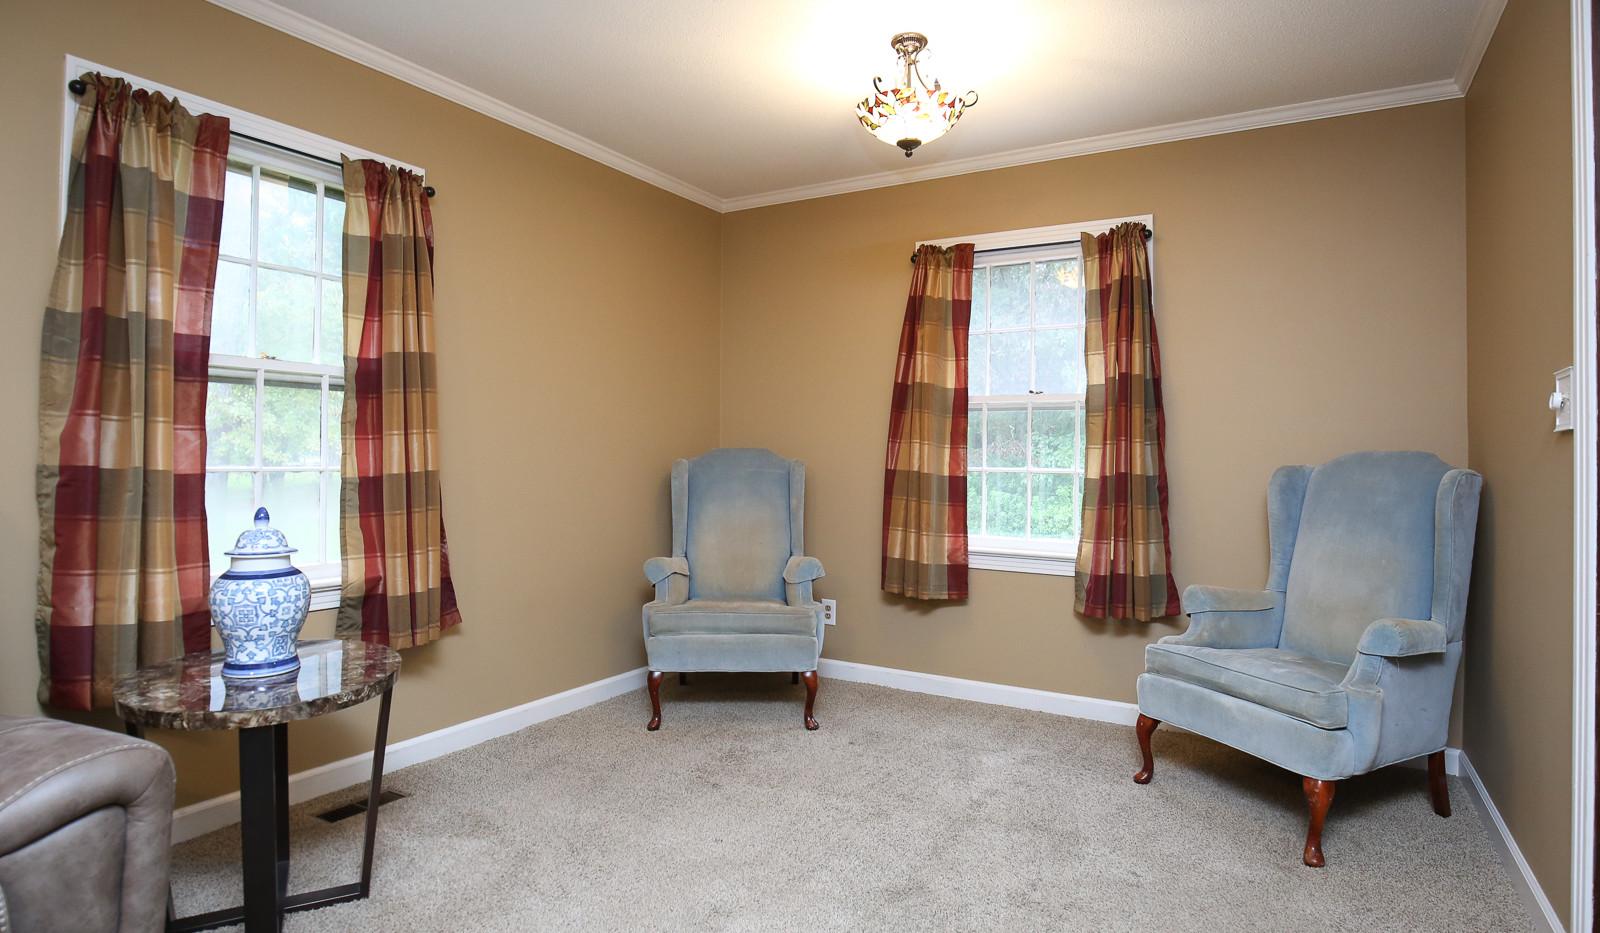 010_294_barnes_ave_living_room.jpg